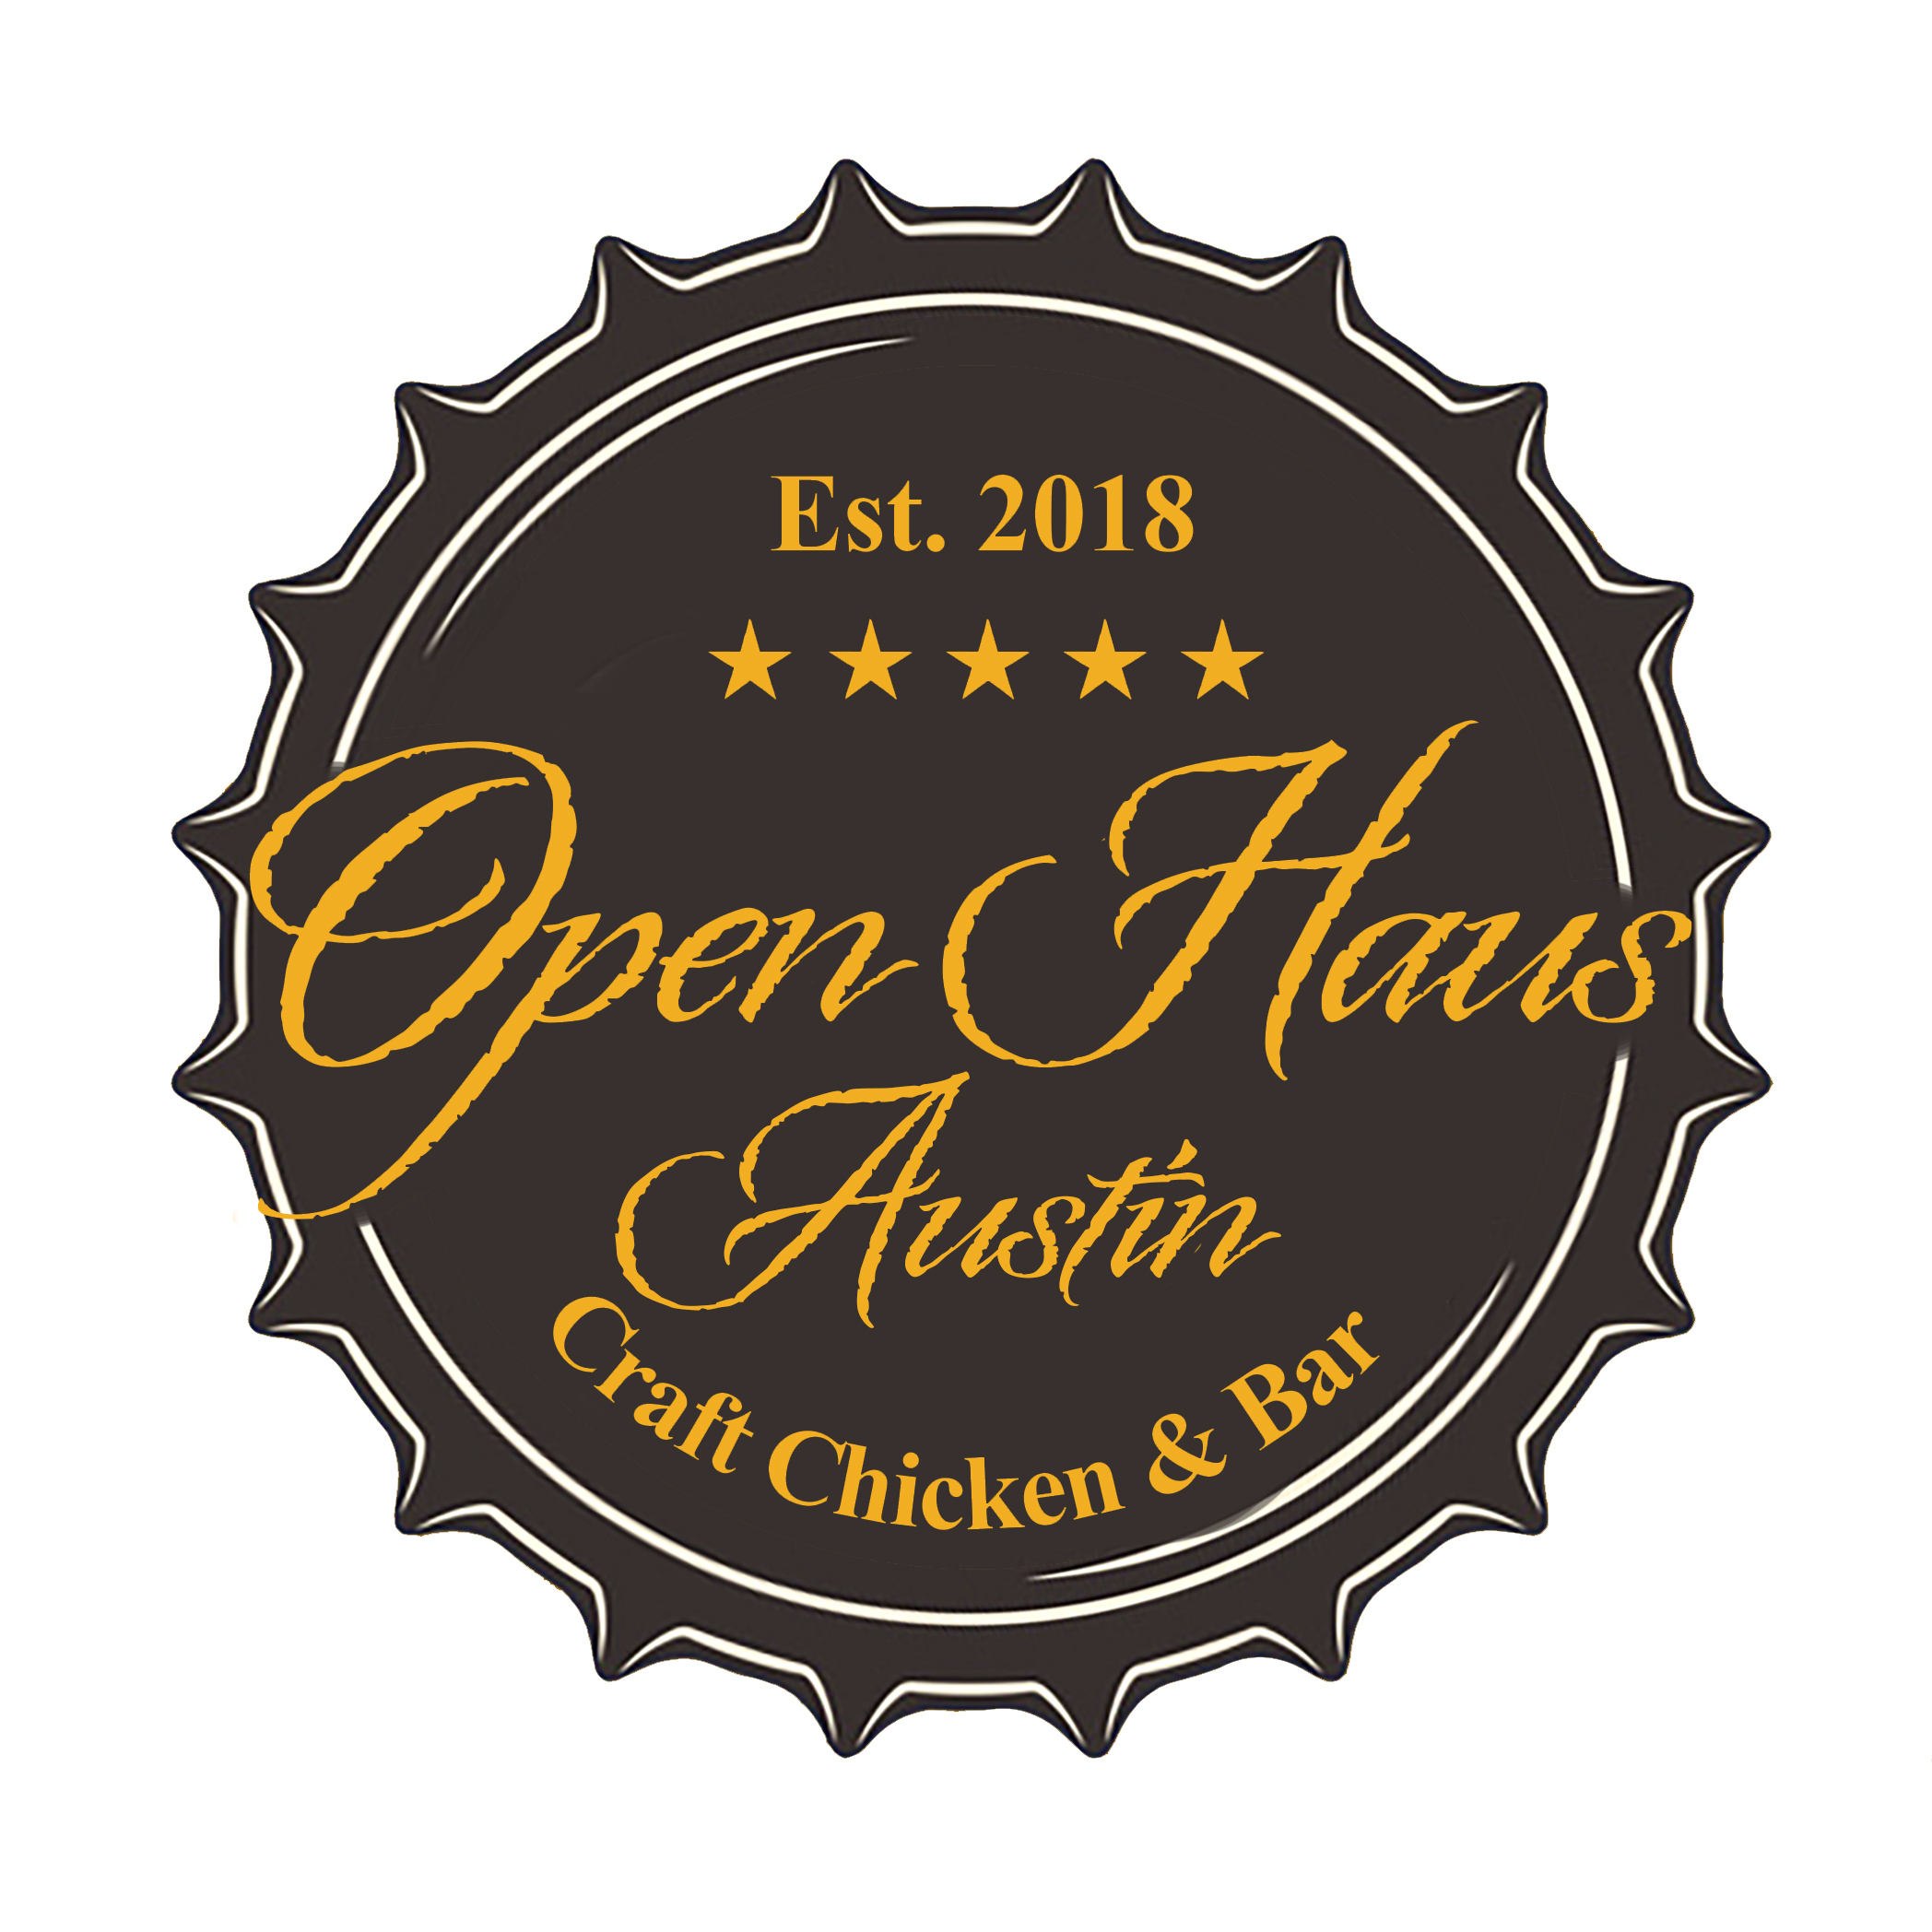 Open Haus Brand Cities